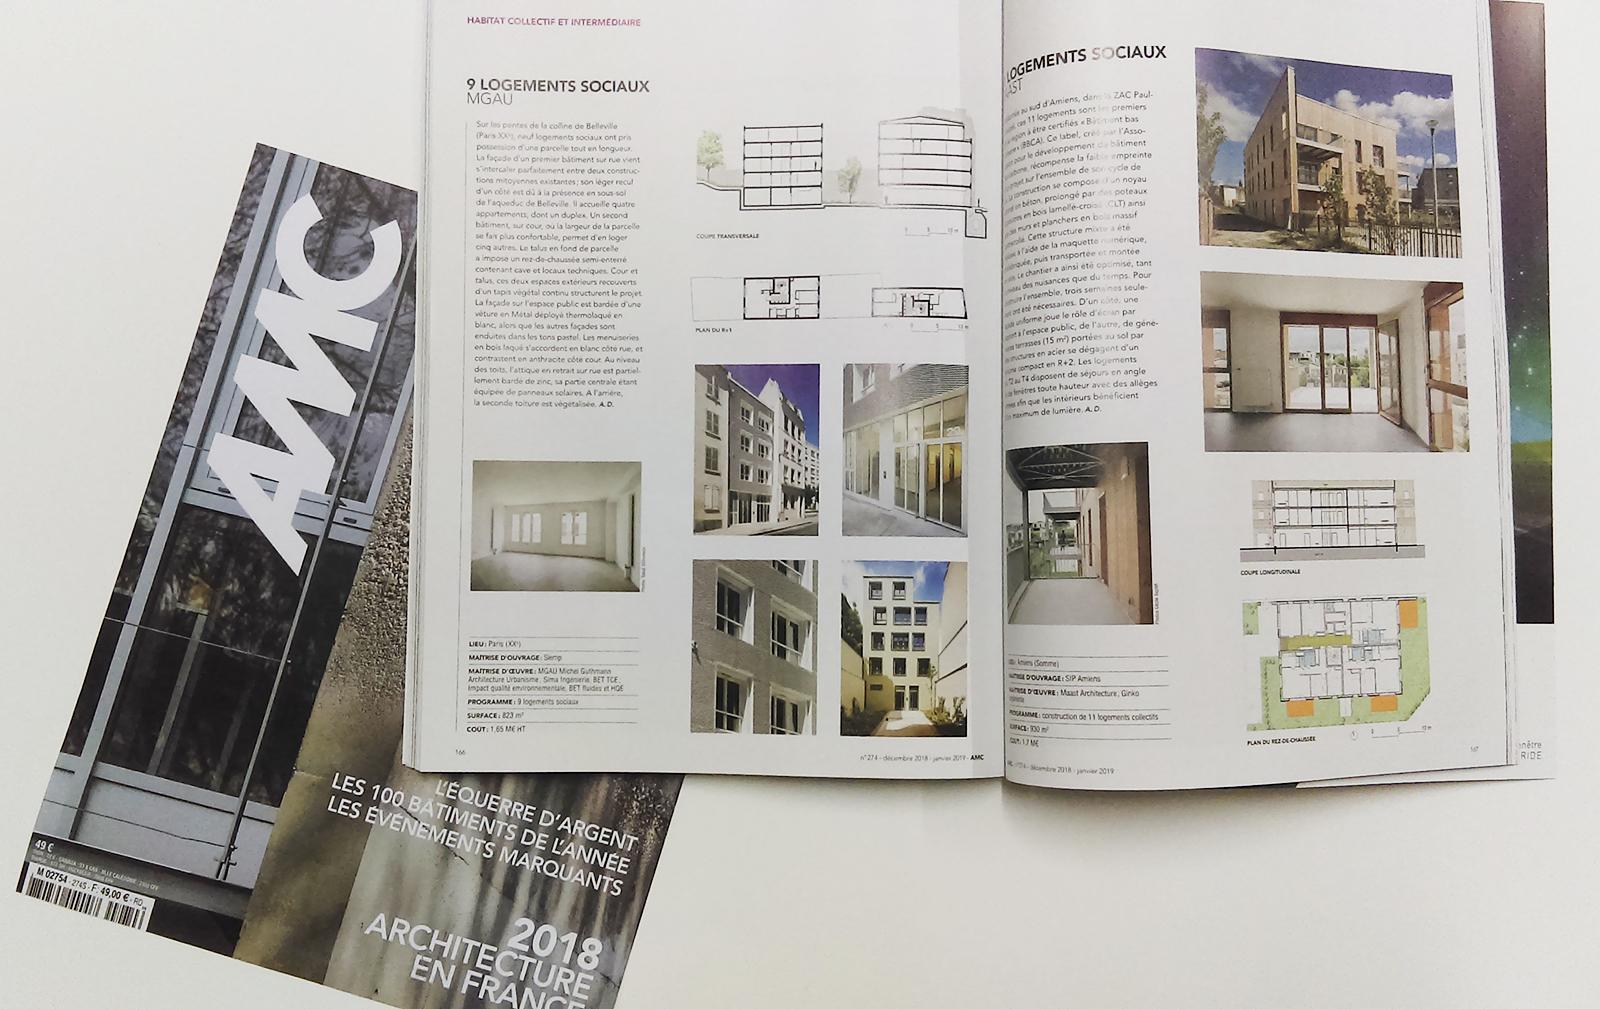 Mg au michel guthman architecture & urbanisme